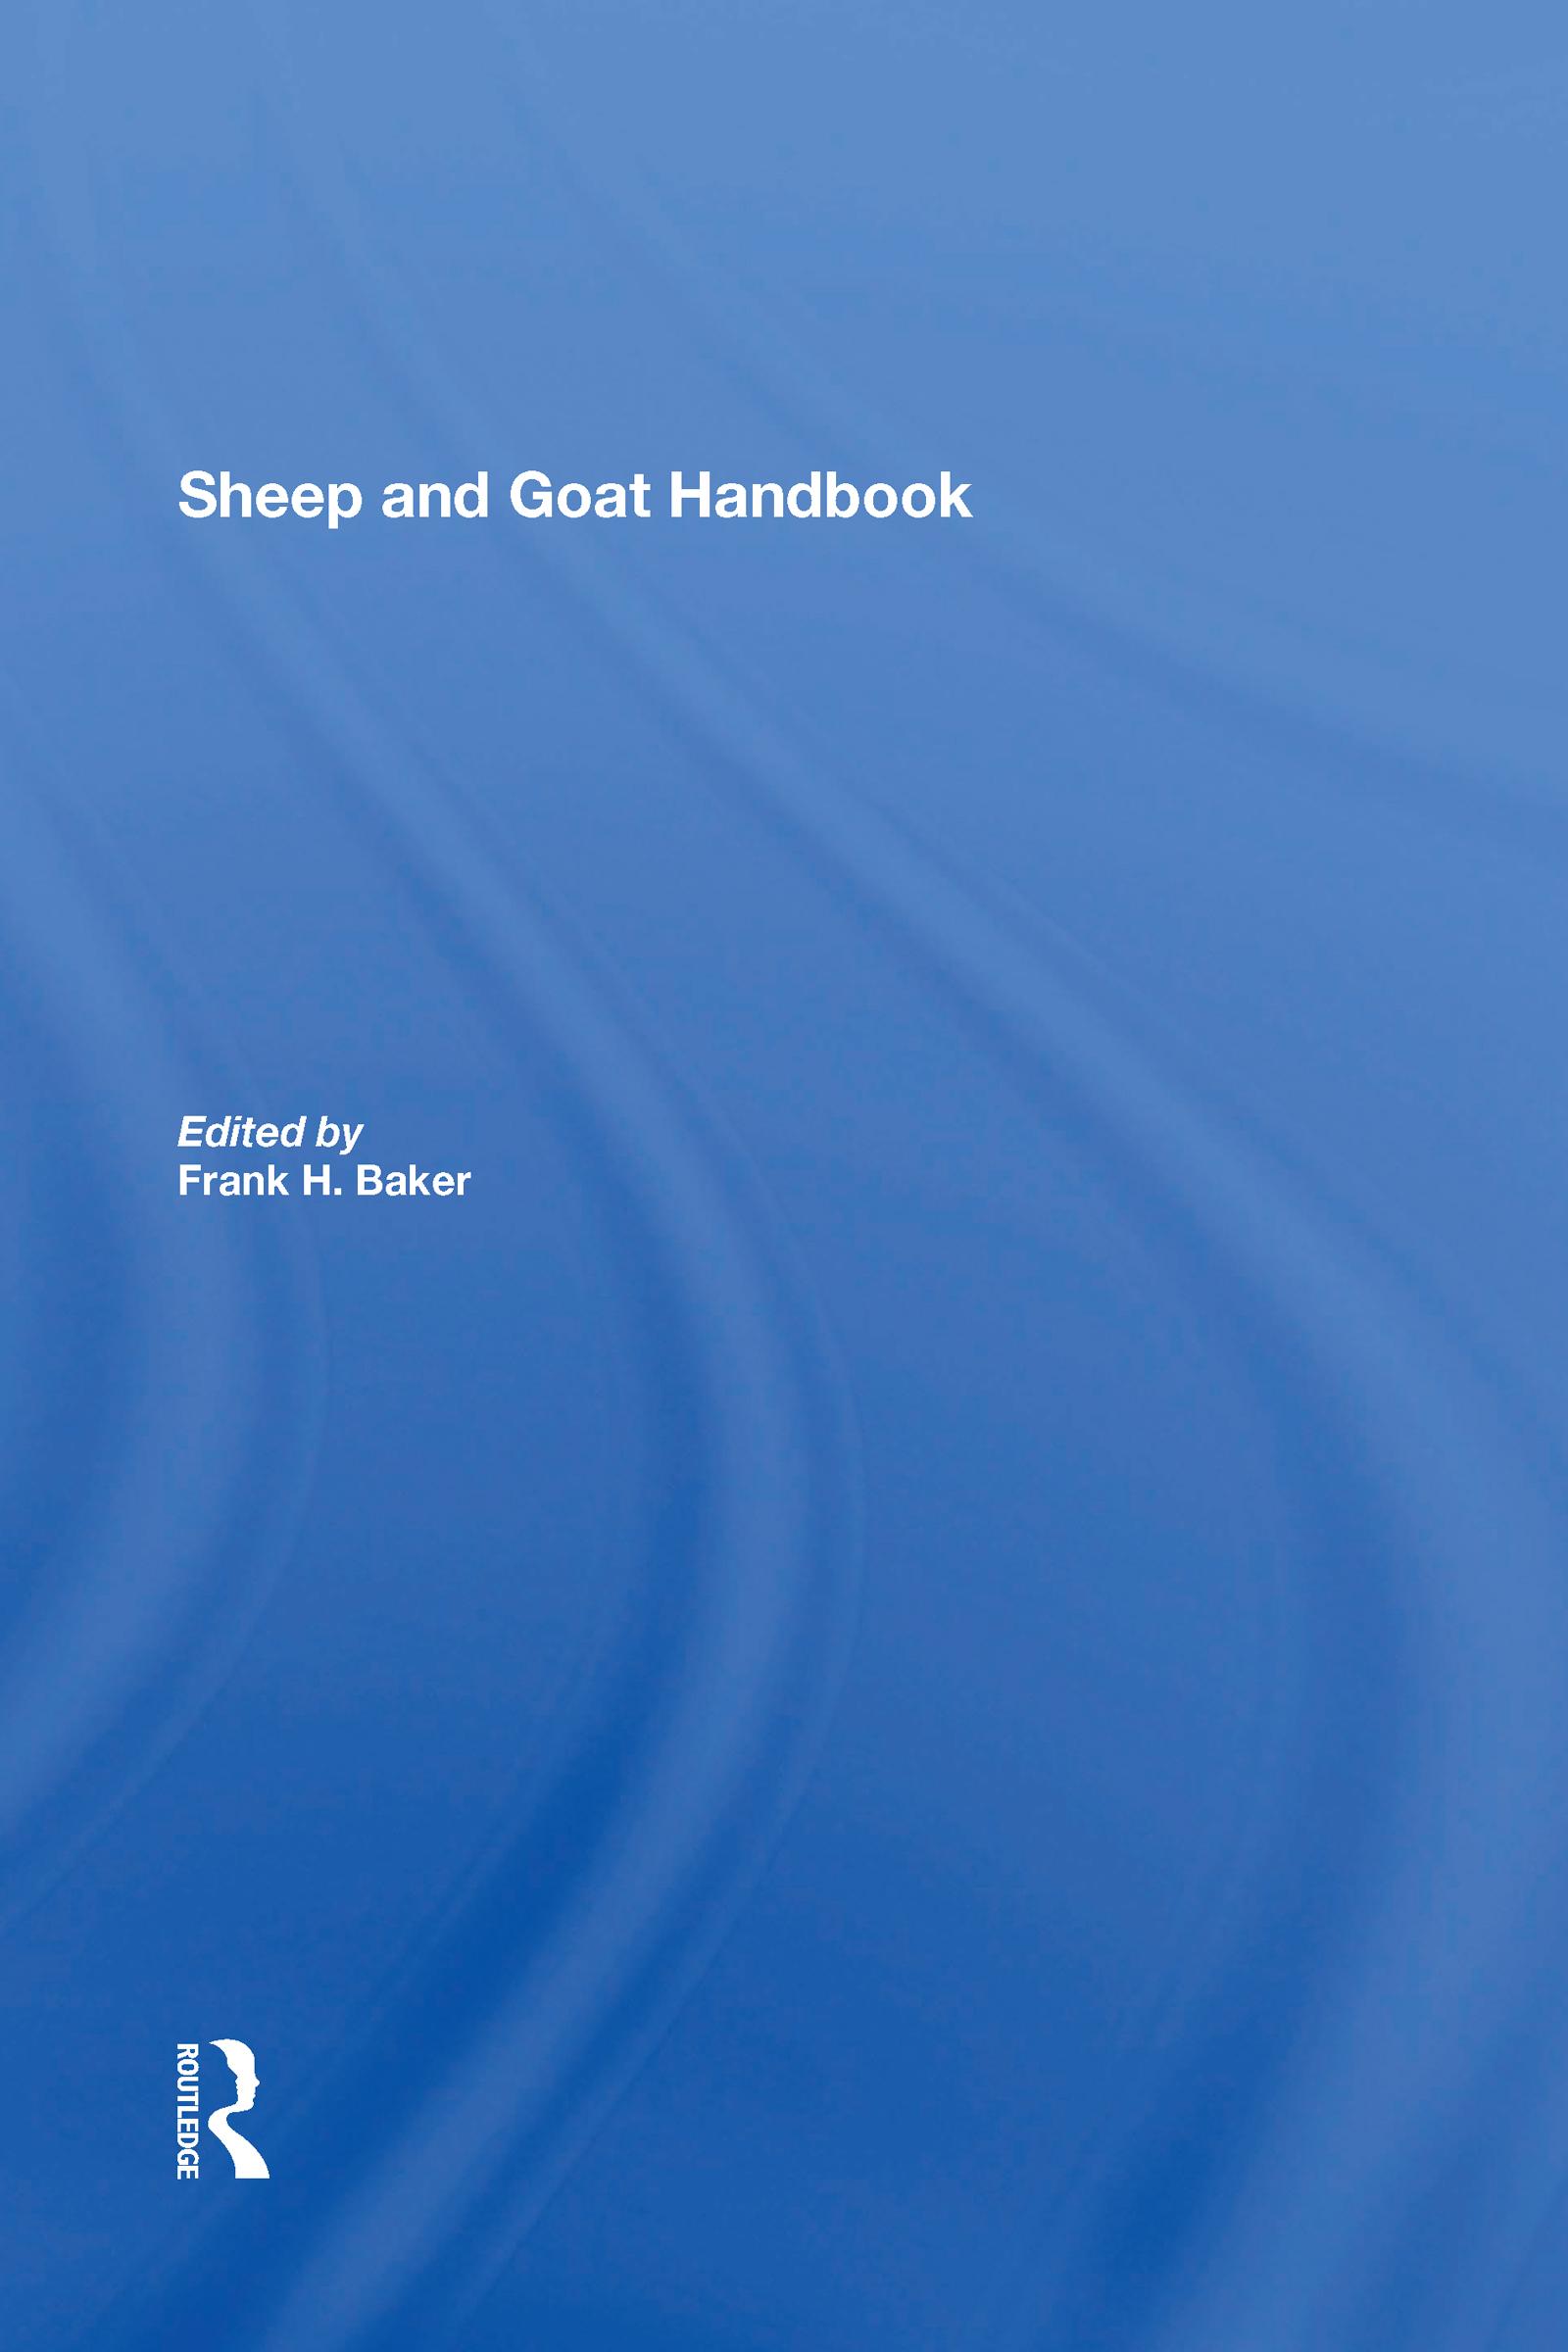 Sheep And Goat Handbook, Vol. 3